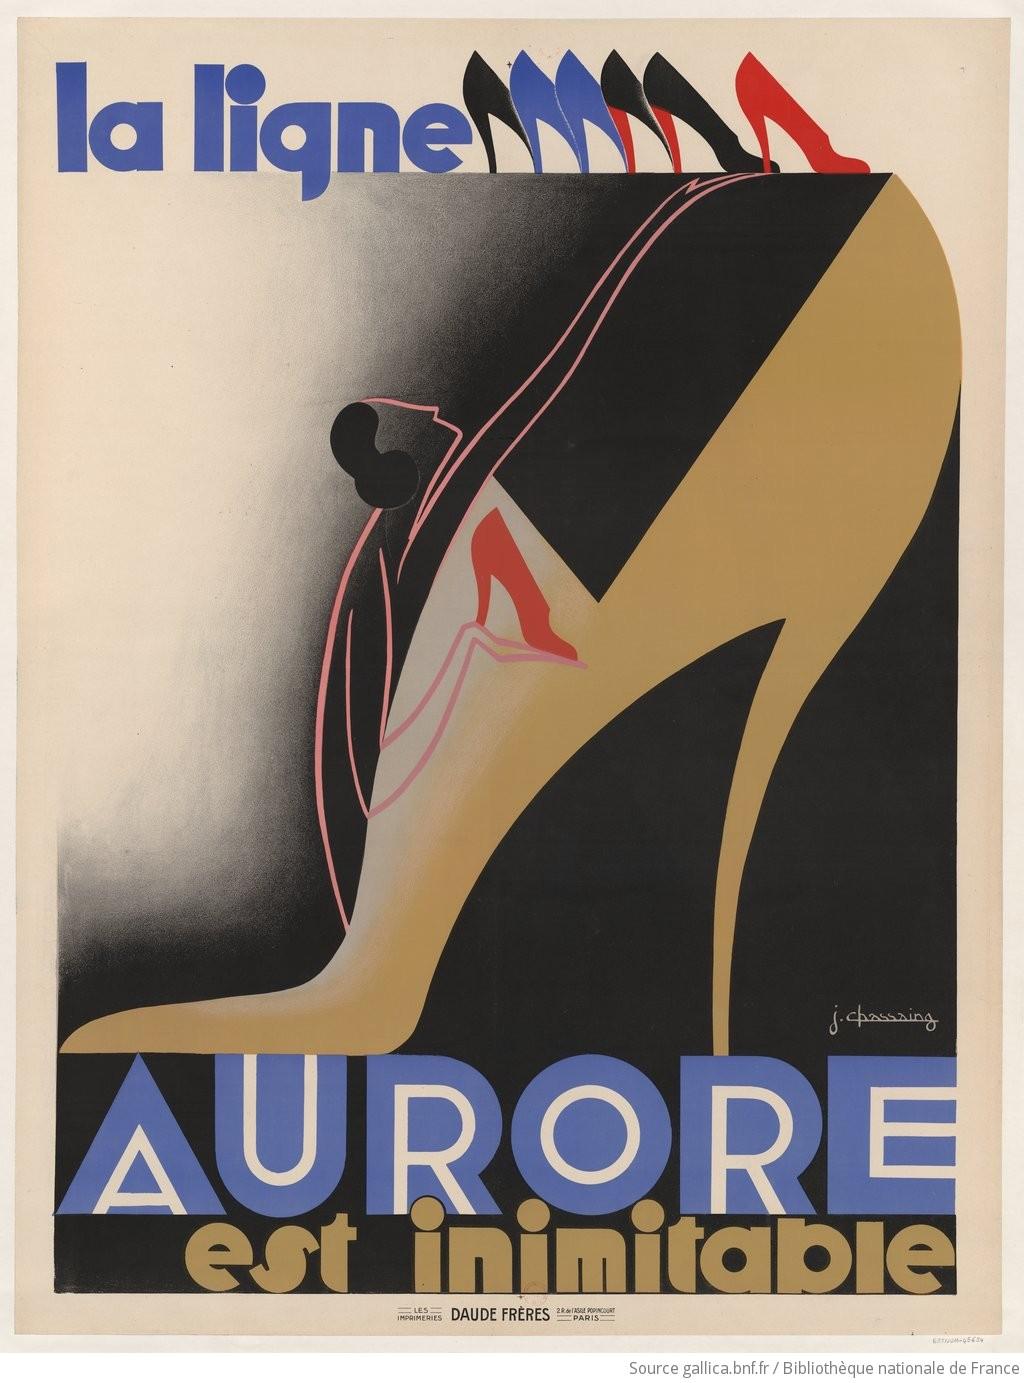 La ligne Aurore est inimitable [chaussures] : [affiche] / J. Chassaing